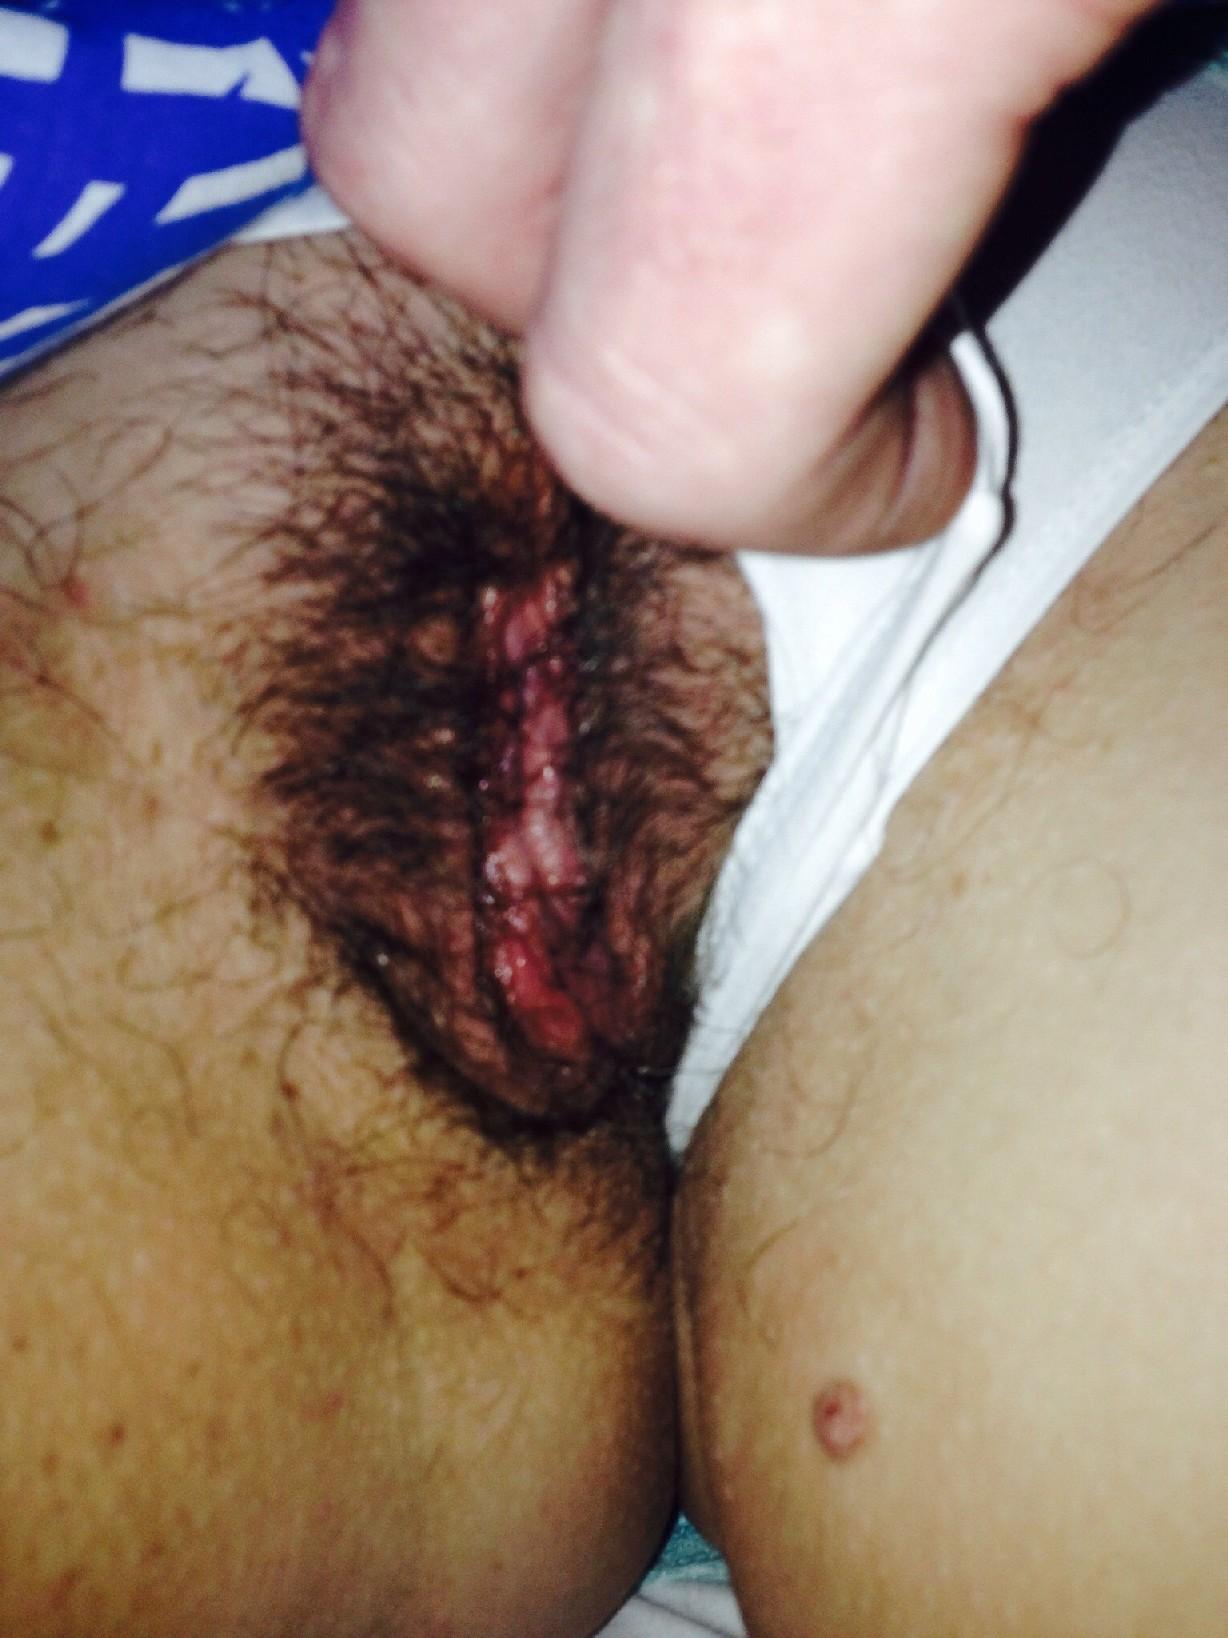 Волосатая пизда с мокрой щелочкой которая прячется за трусиками